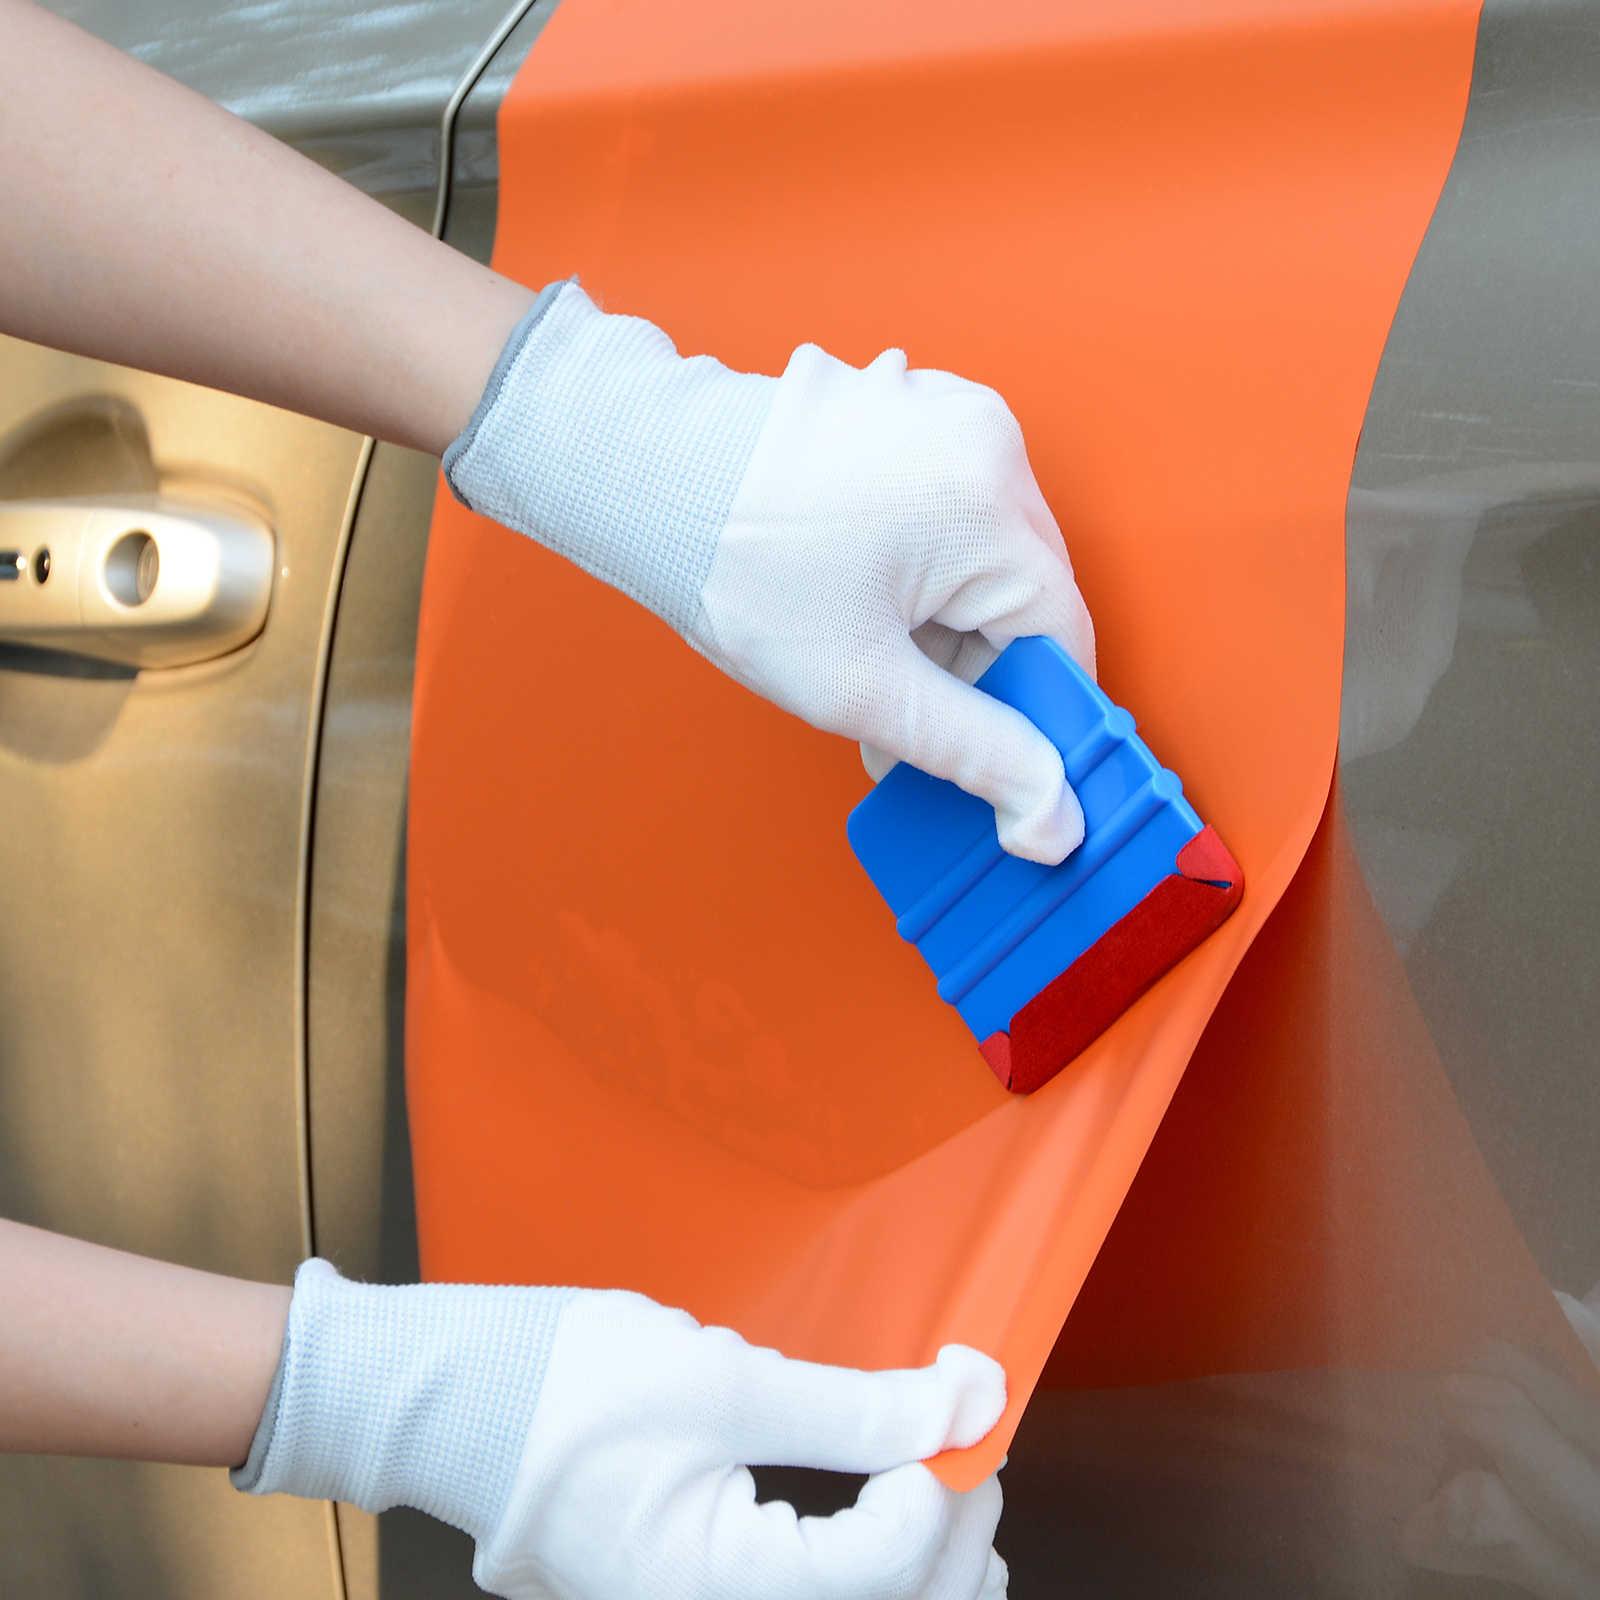 EHDIS 50 шт. 3 слоя ткани войлочная ткань для виниловая Автомобильная обертка 10 см карточка Ракель обертывание ping углеродная фольга пленка скребок авто аксессуары